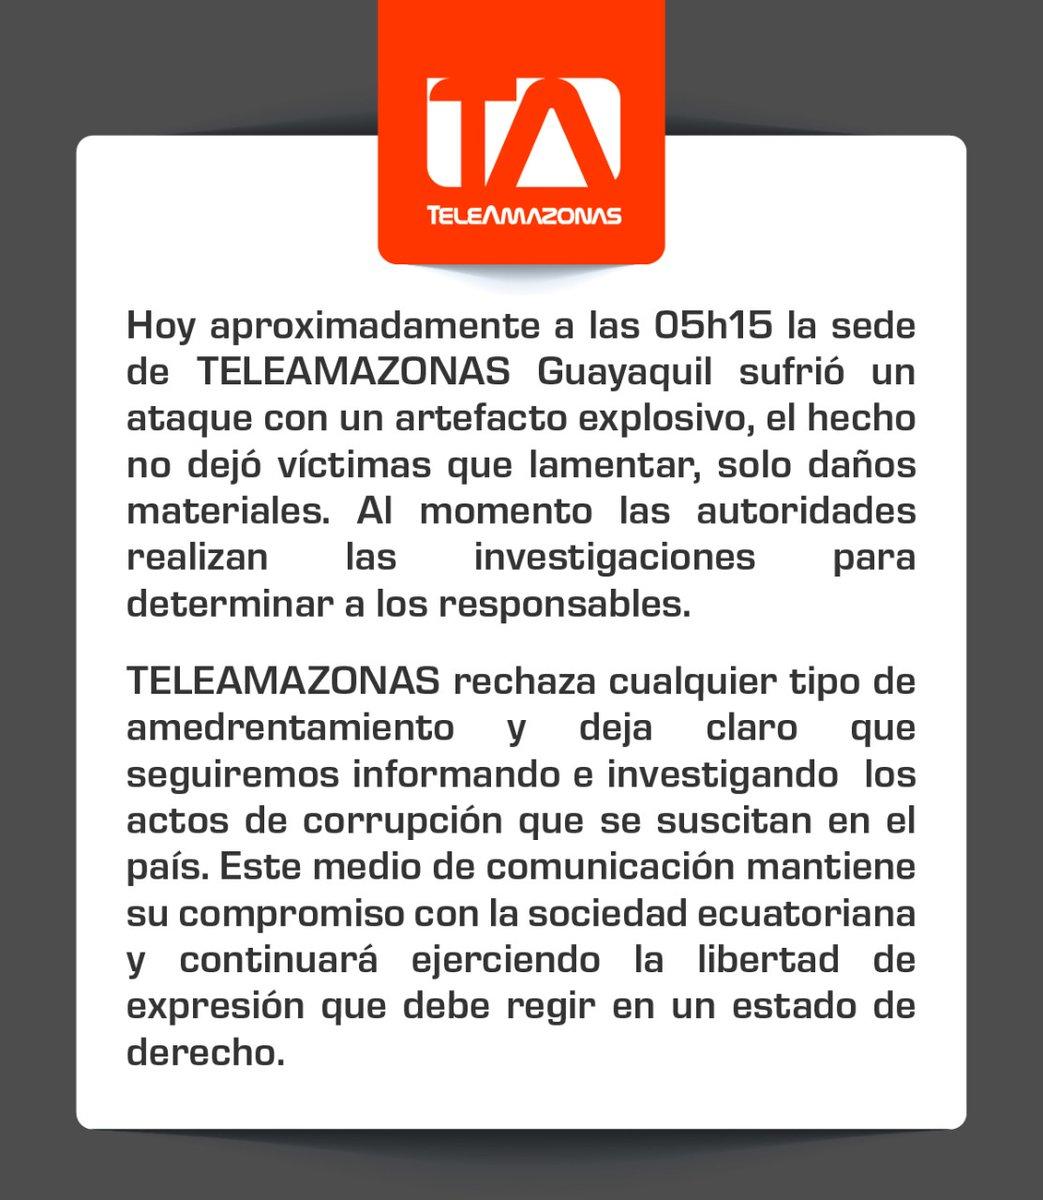 Mantenemos nuestro compromiso de informar al Ecuadorpic.twitter.com/OqwKyzY8h1